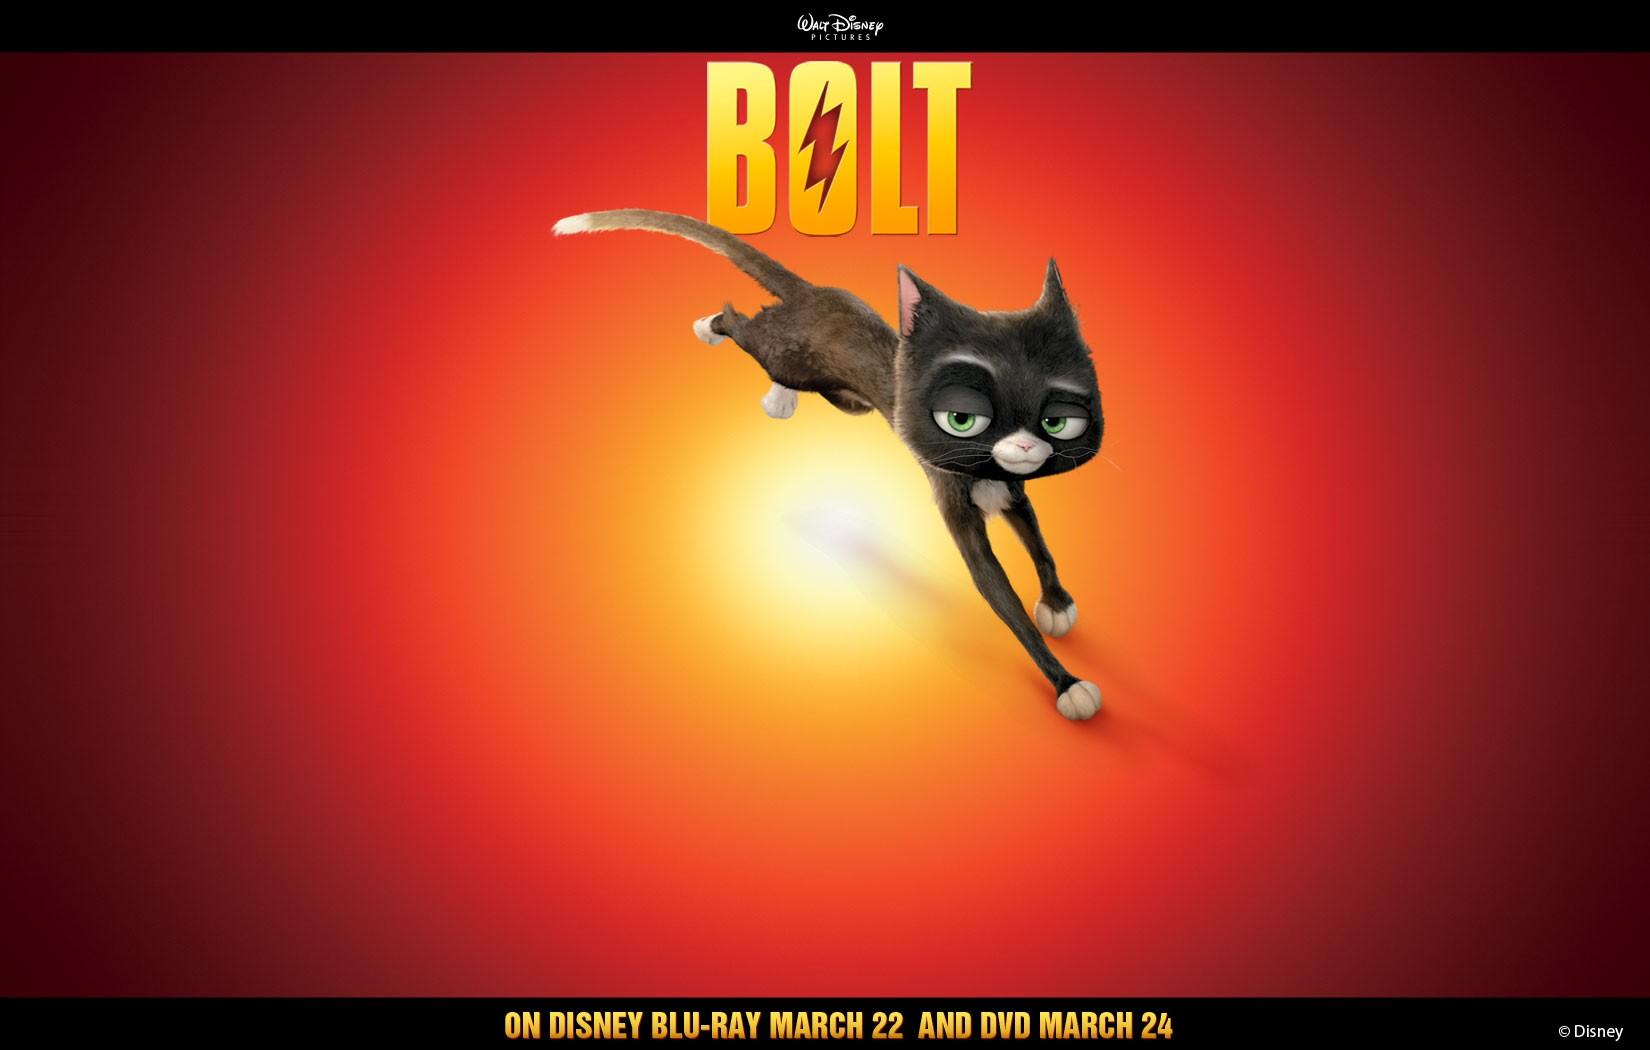 Un wallpaper di Mittens per pubblicizzare l'uscita in dvd e blu-ray del film 'Bolt'